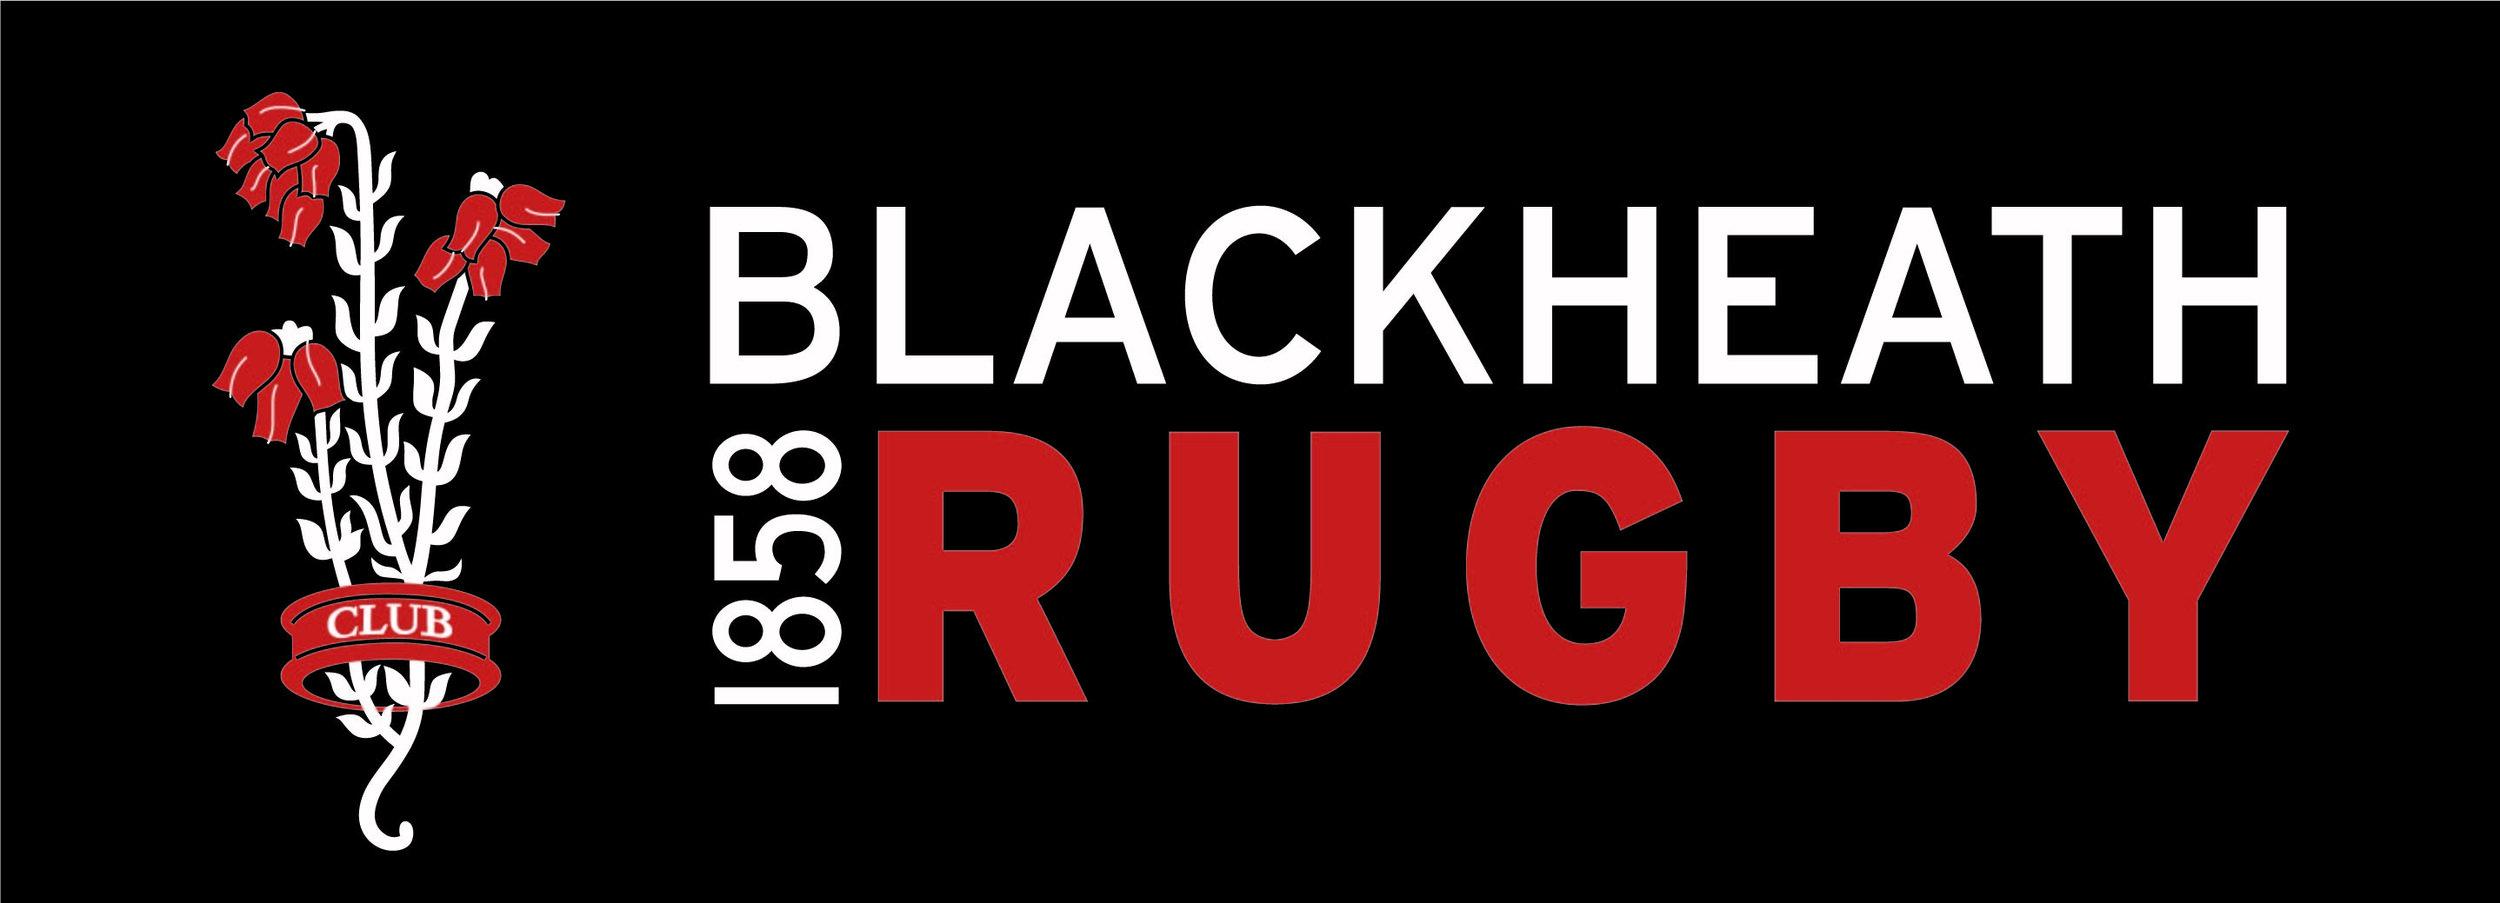 Blackheath-Rugby-New-Logo-4.jpg